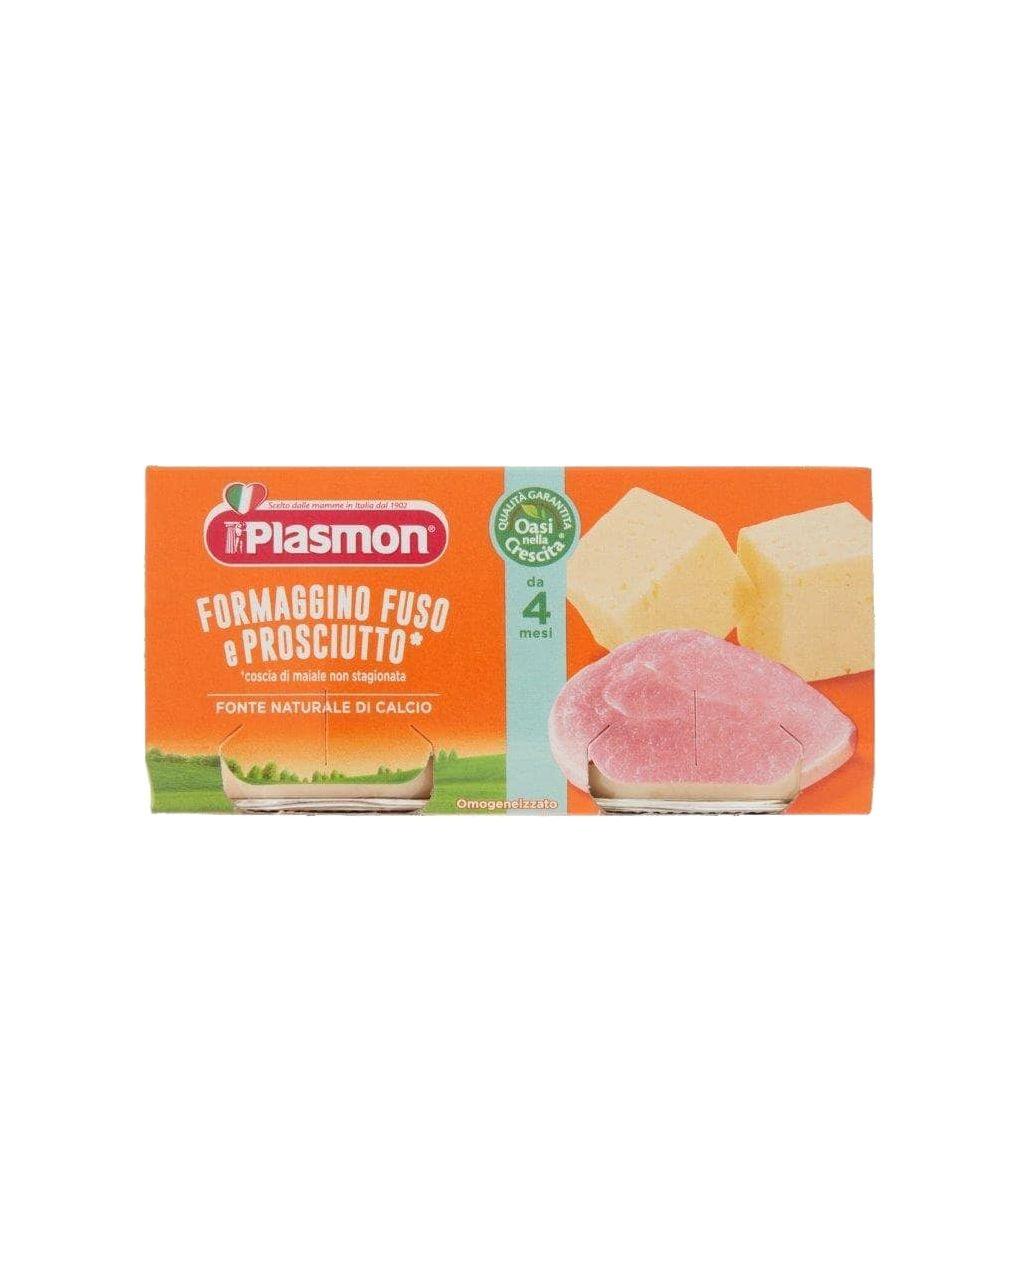 Plasmon - omogeneizzato formaggino fuso e prosciutto 2x80g - Plasmon